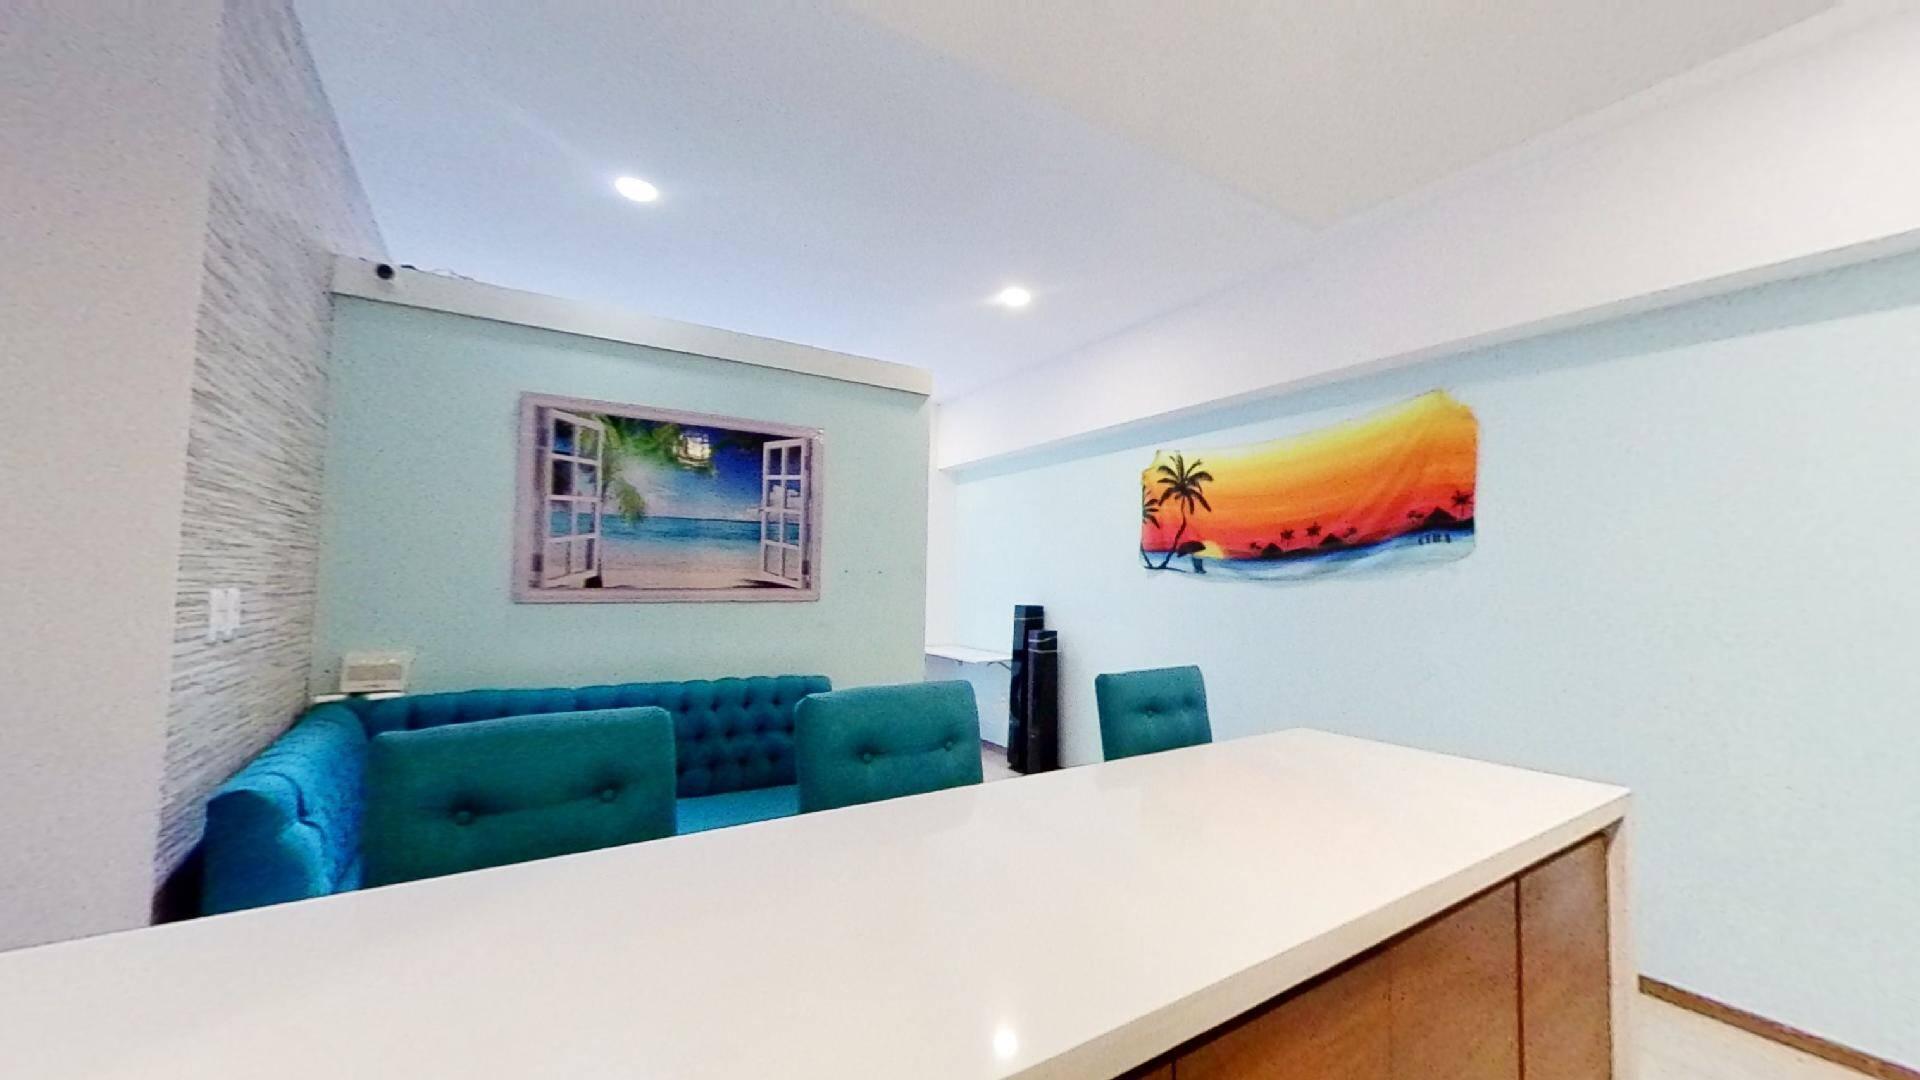 Venta departamento de 3 recámaras en City Towers Green, Colonia Santa Cruz.  Cocina